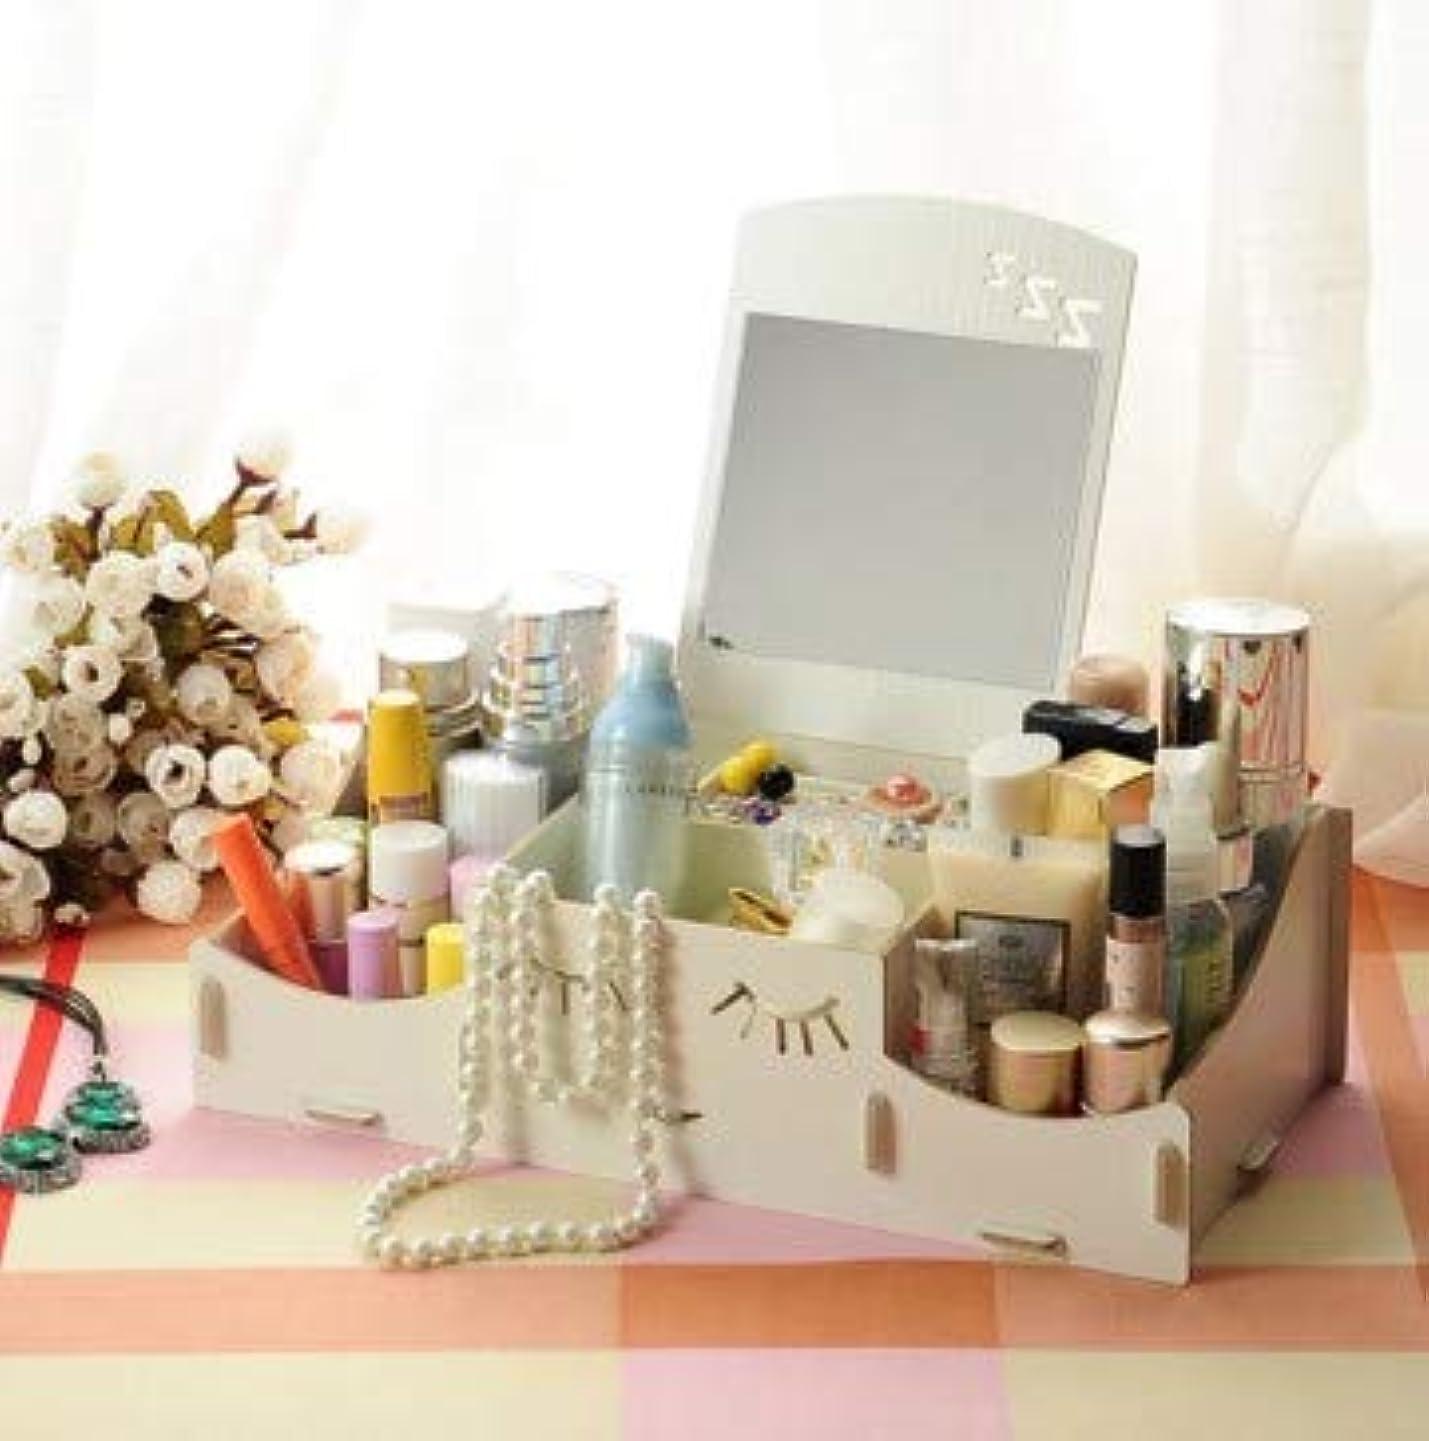 足枷連帯文房具スマイリー木製クリエイティブ収納ボックス手作りデスクトップミラー化粧品収納ボックス化粧品収納ボックス (Color : ホワイト)